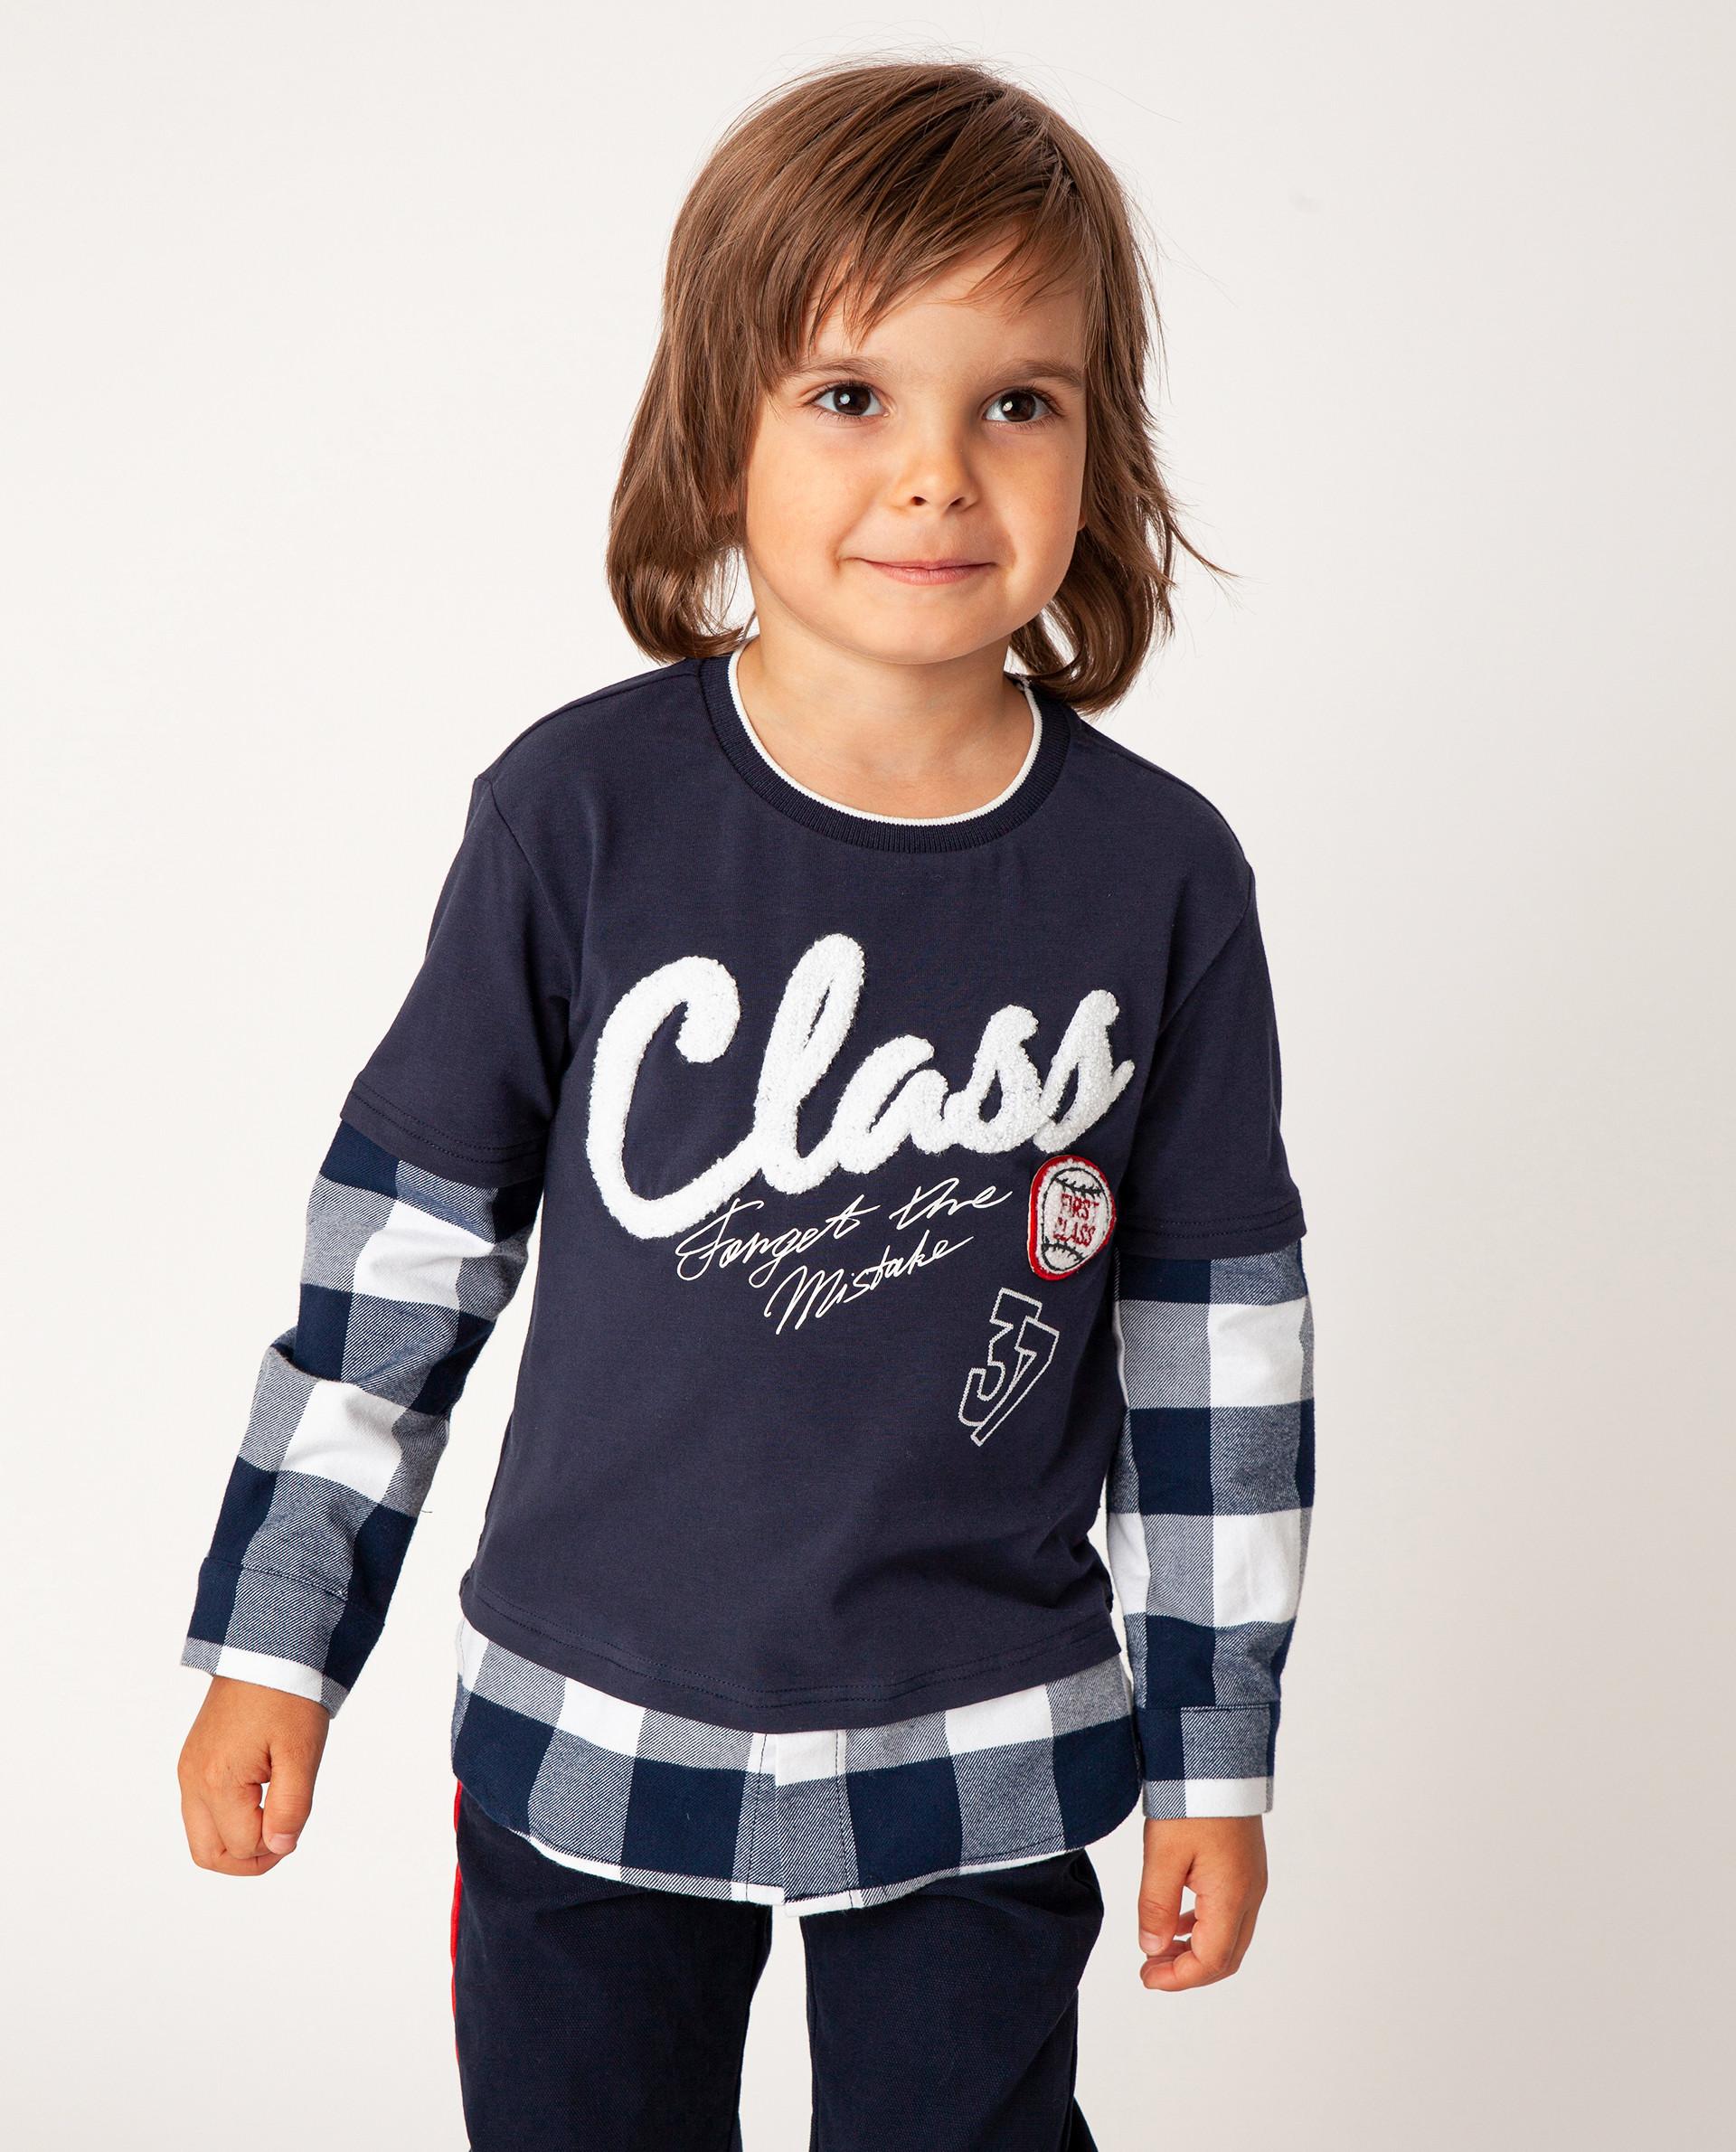 Синяя футболка с длинным рукавом Gulliver 22005BMC1210, размер 110,  - купить со скидкой